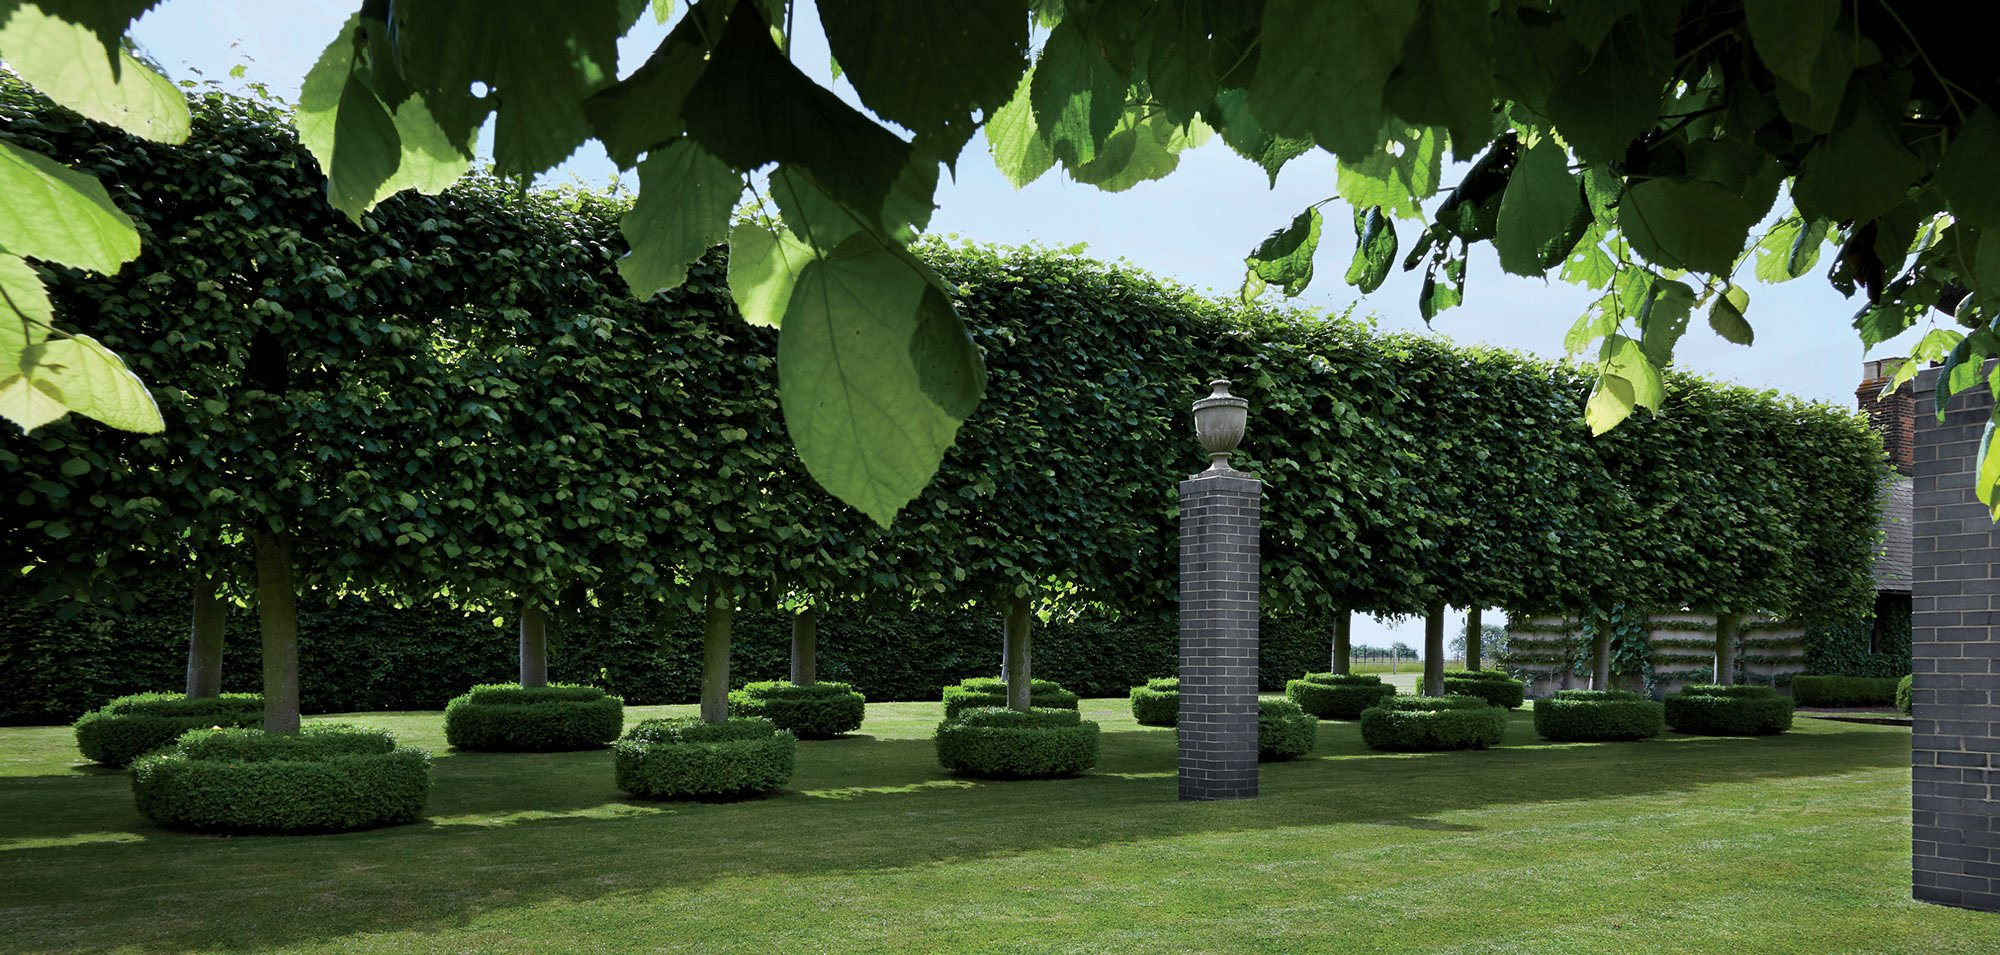 ROSE & IVY Journal Garden Dreamer An English Manor